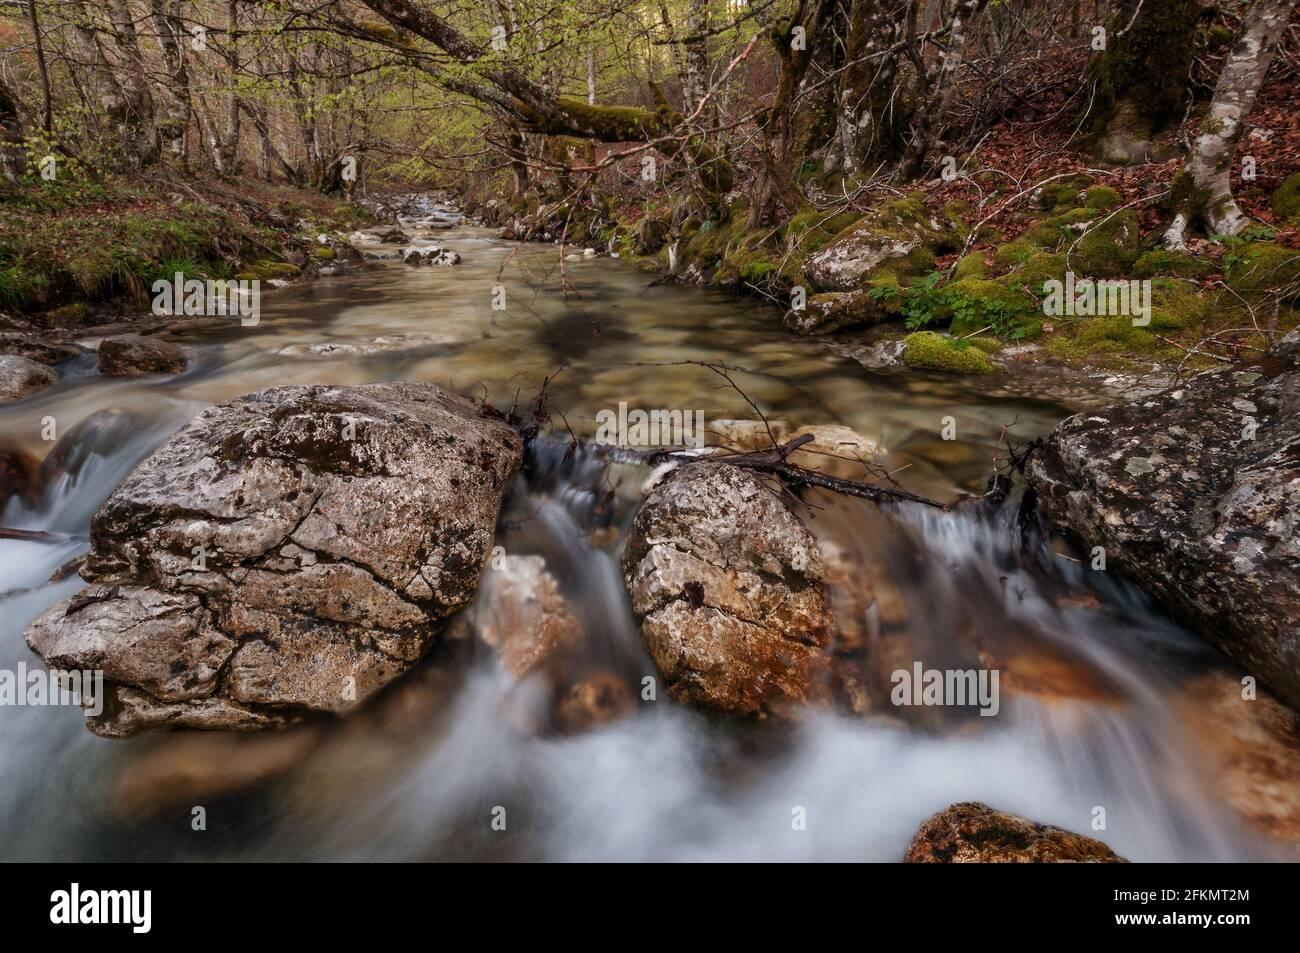 Fiume Fondillo, Parco Nazionale della Val Fondillo, Abruzzo, Lazio e Molise, Abruzzo, Italia, Europa Foto Stock